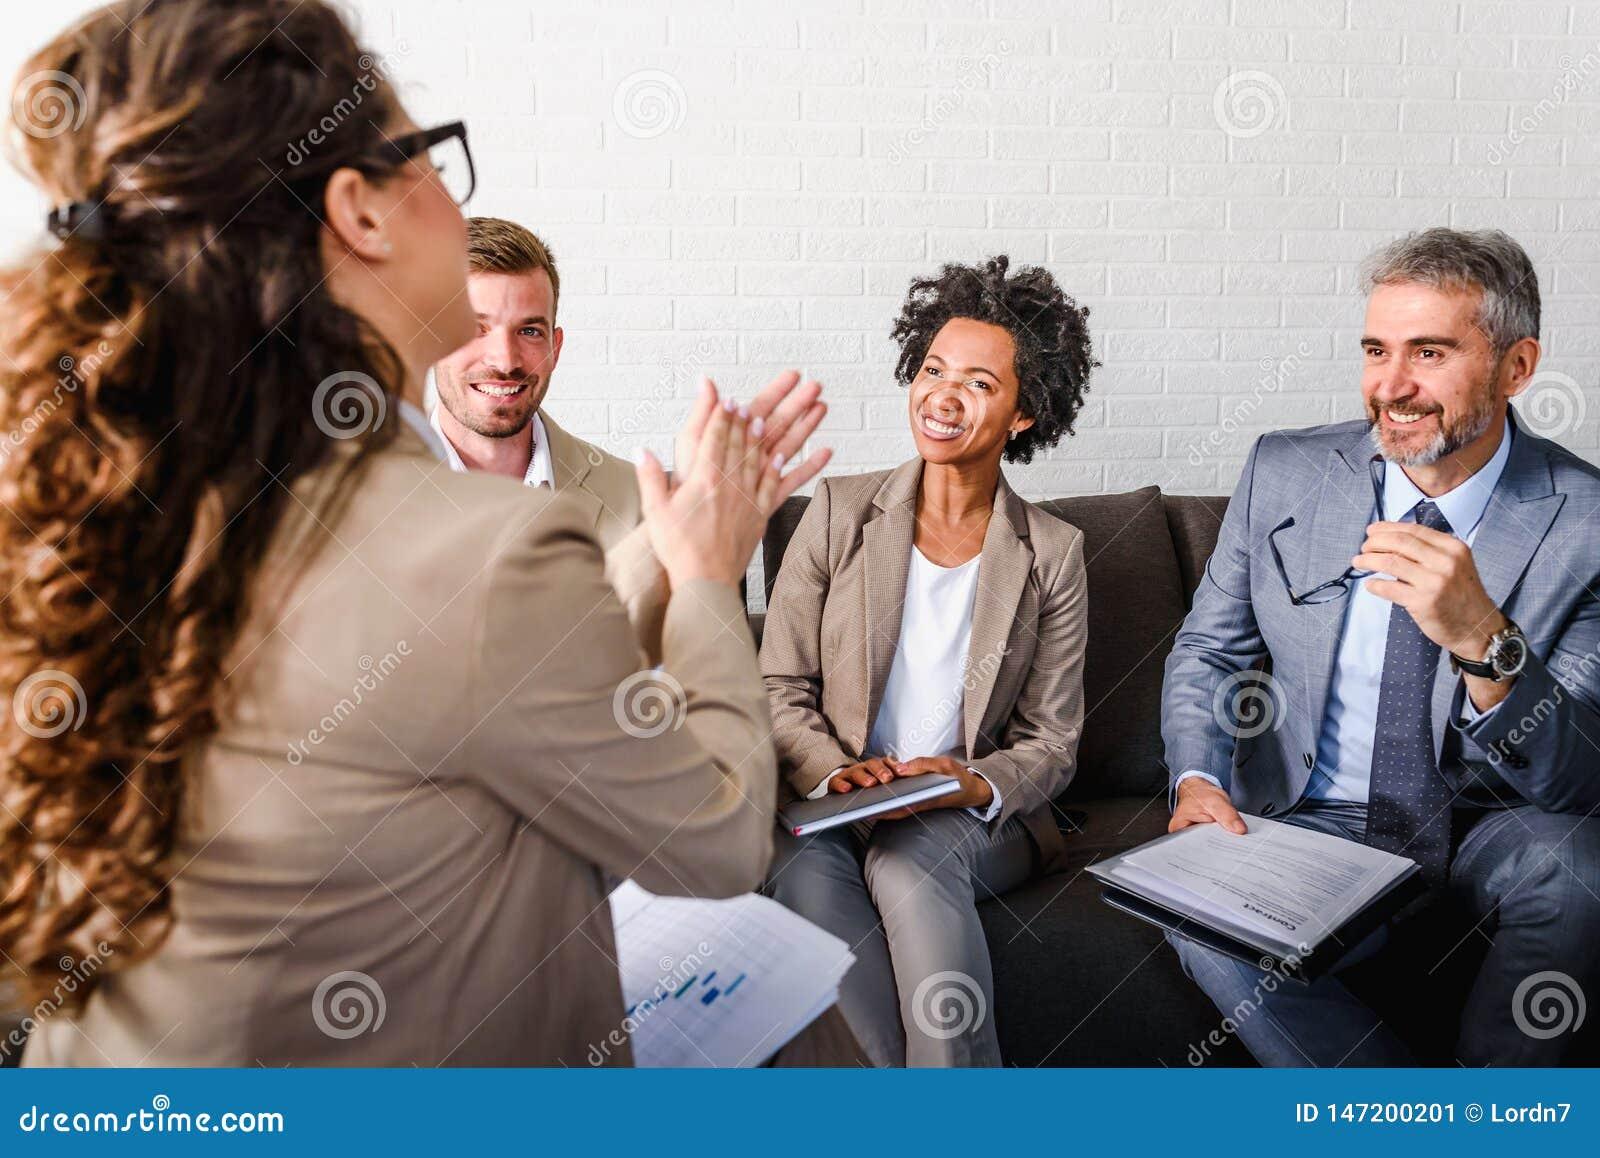 Διαφορετική επιχειρησιακή ομάδα που συζητά την εργασία στο γραφείο τους